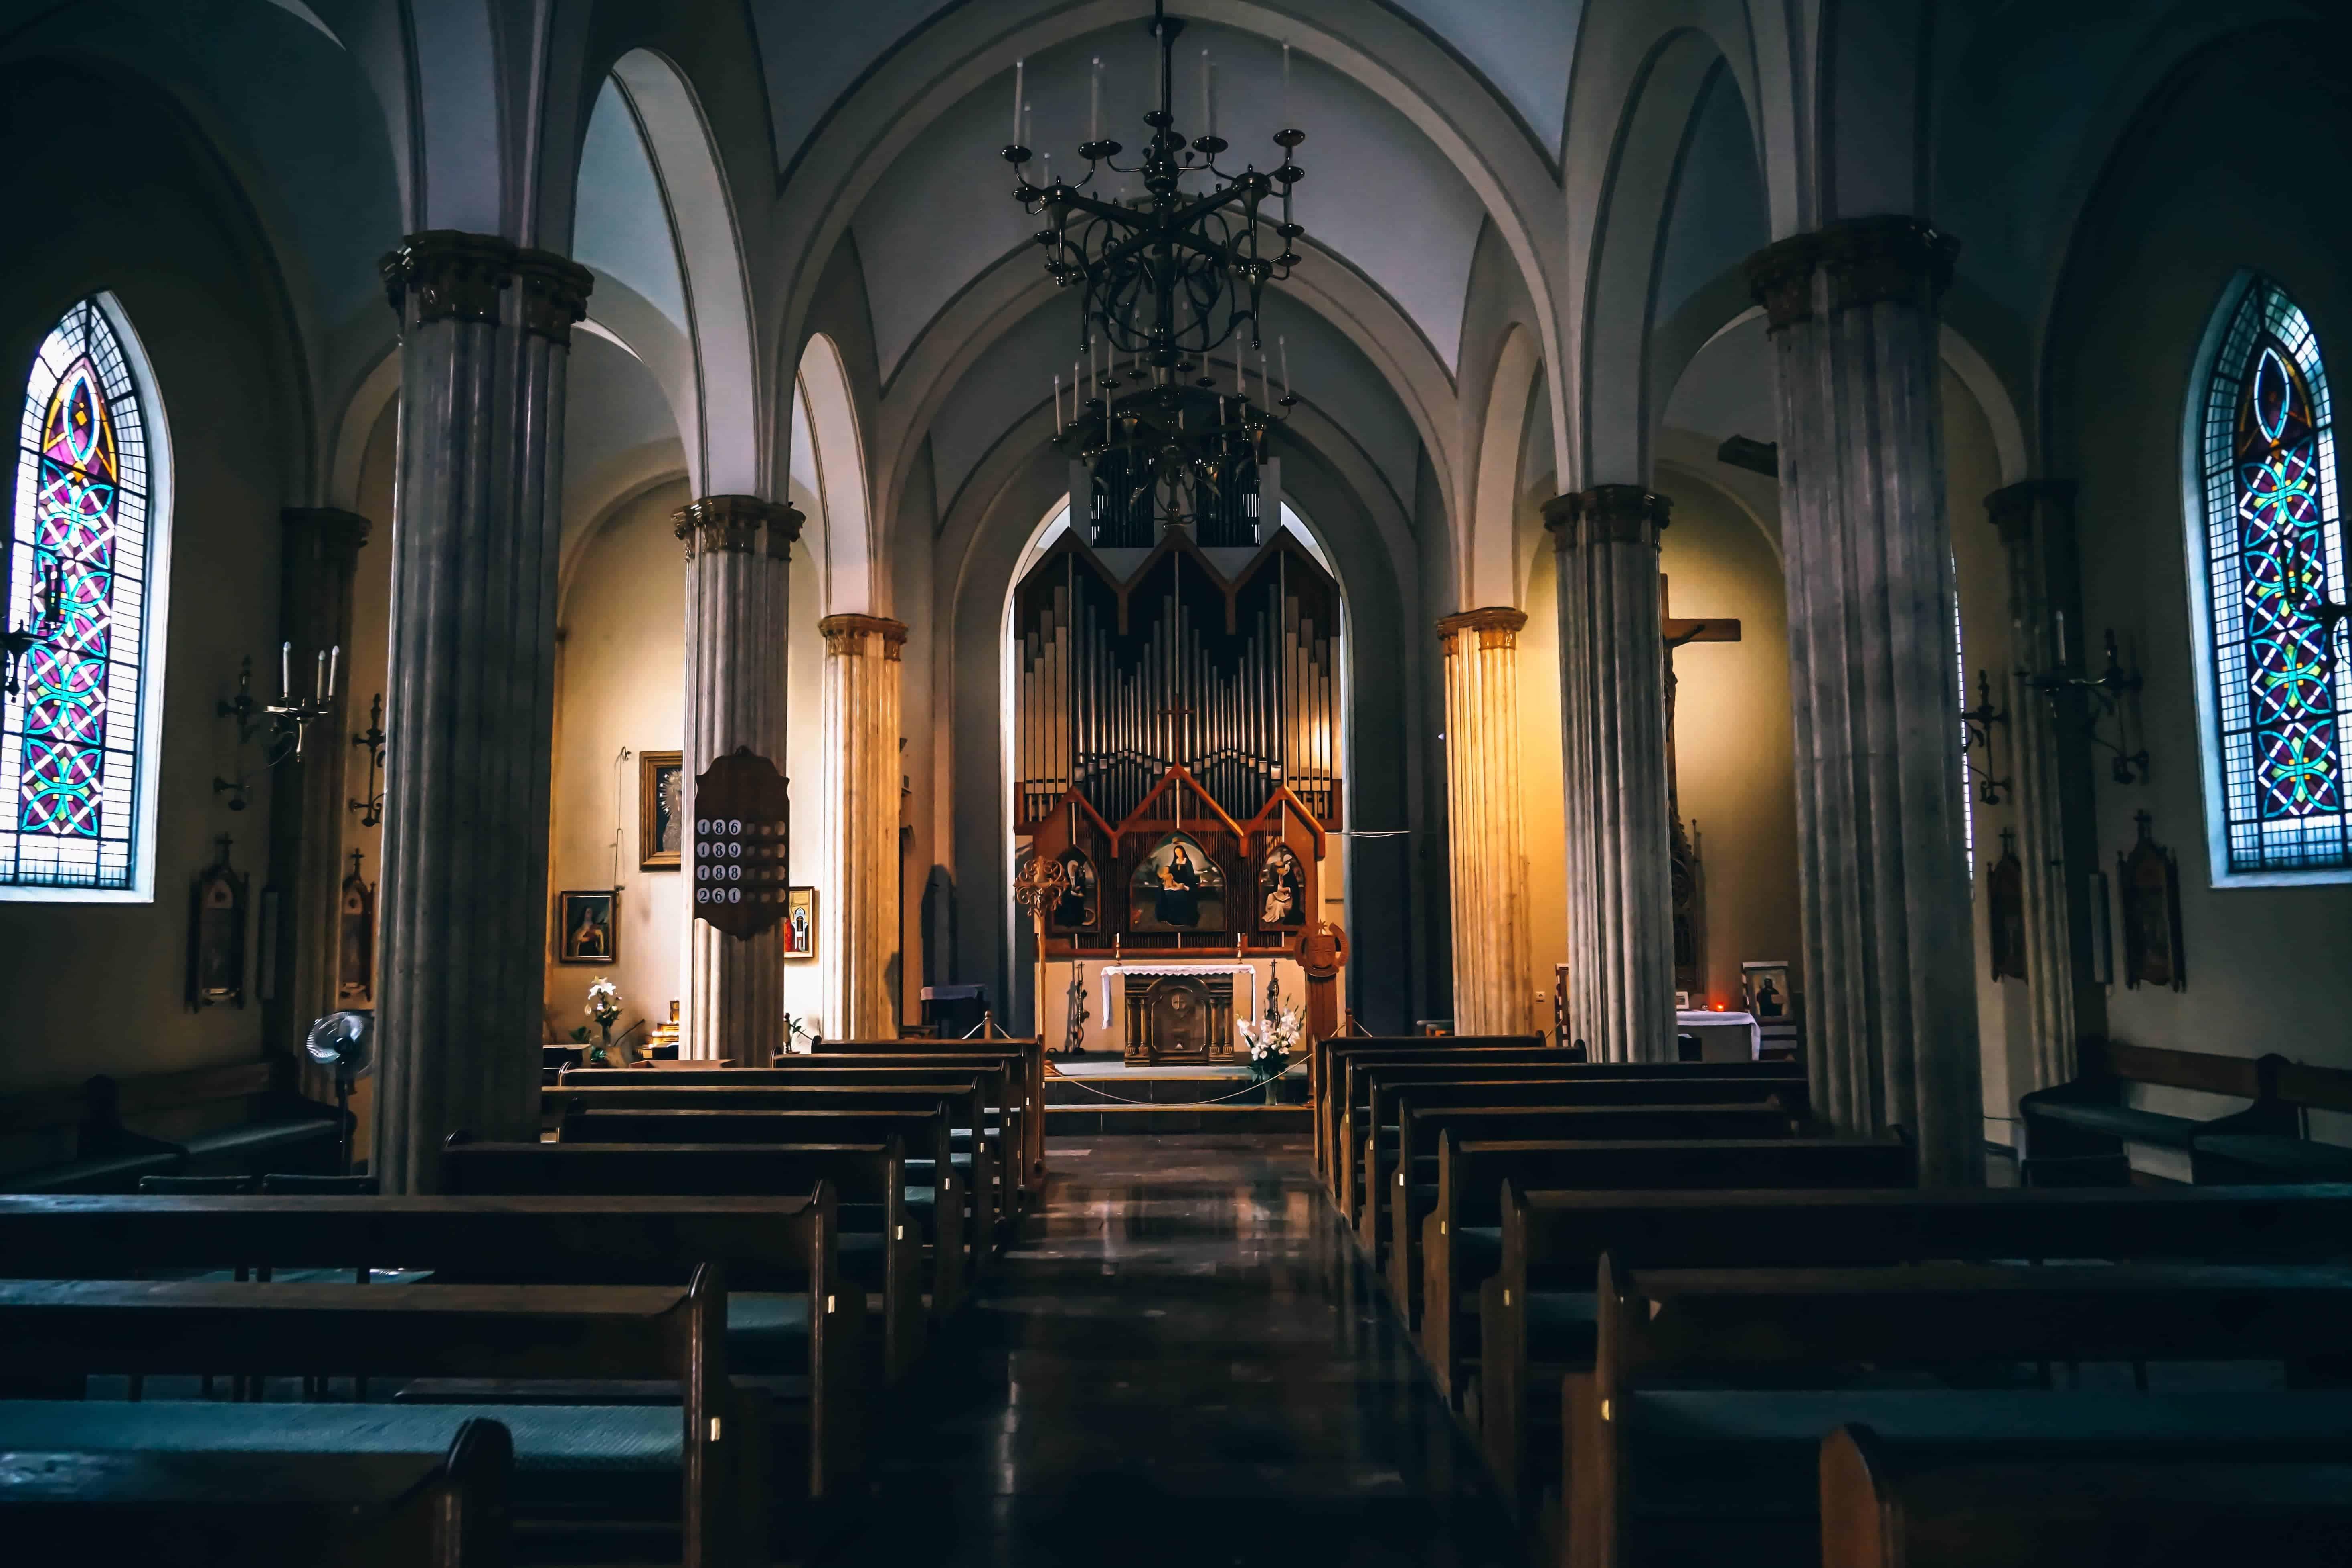 leere Kirche von innen